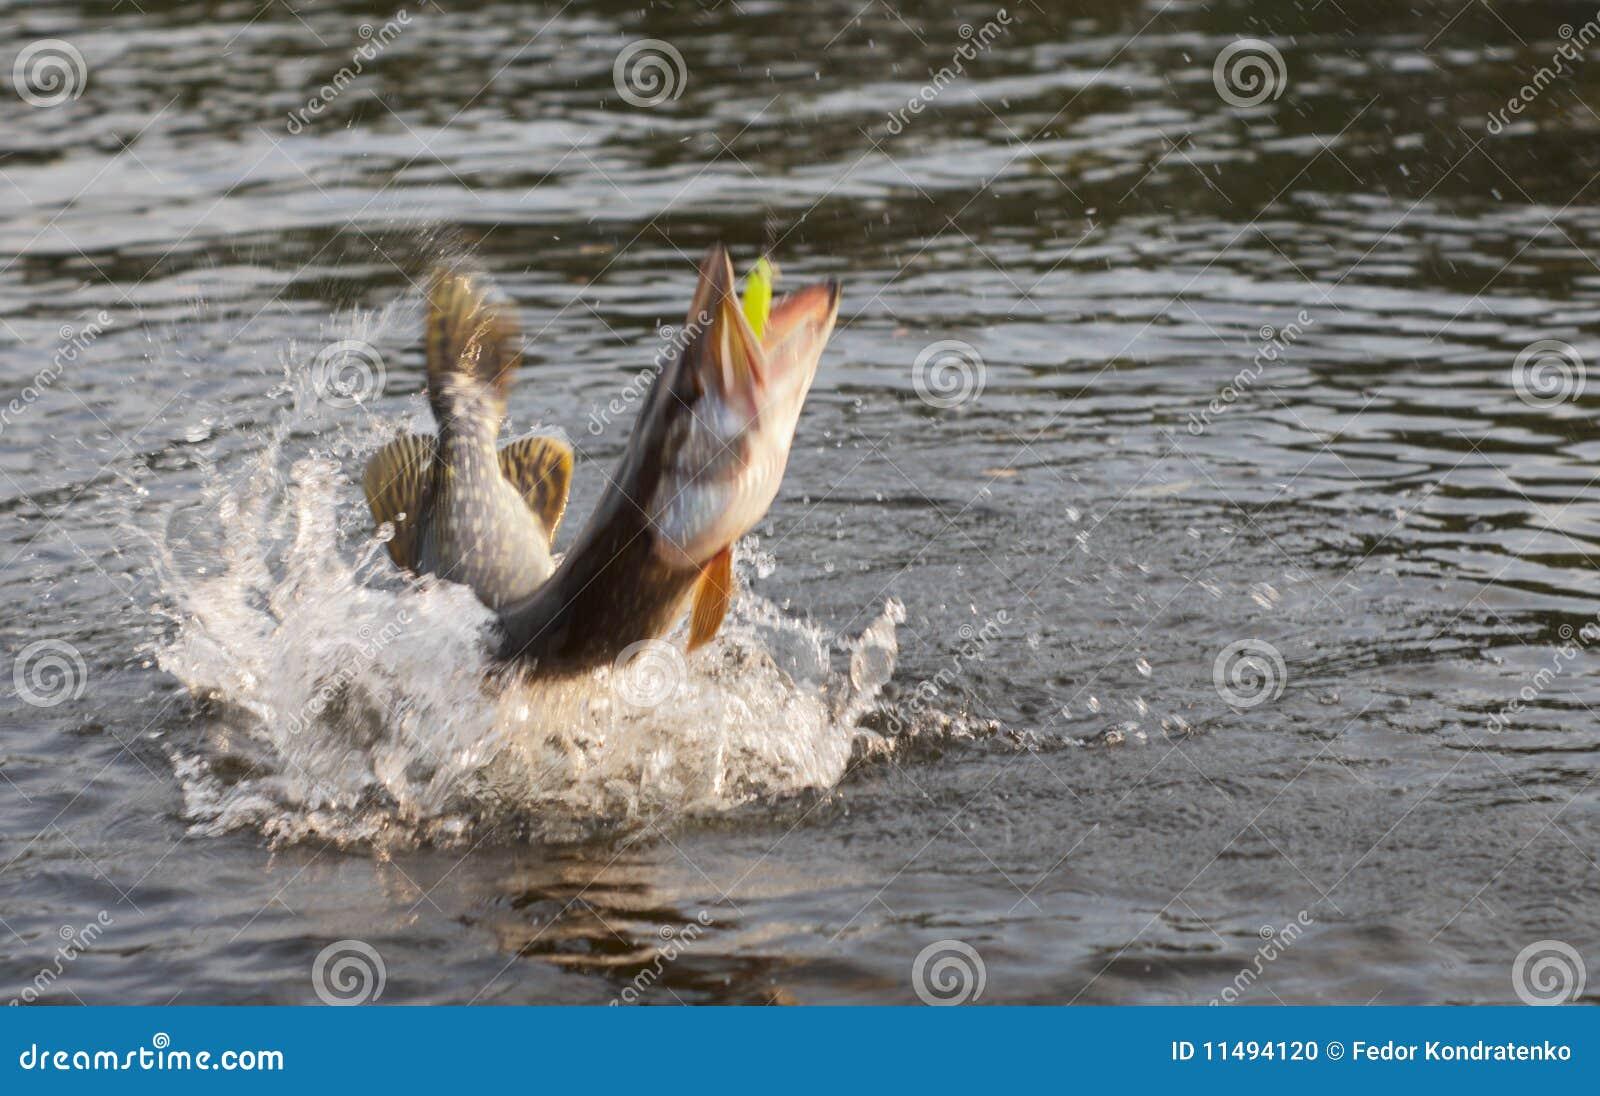 Pike no borrão de movimento do gancho